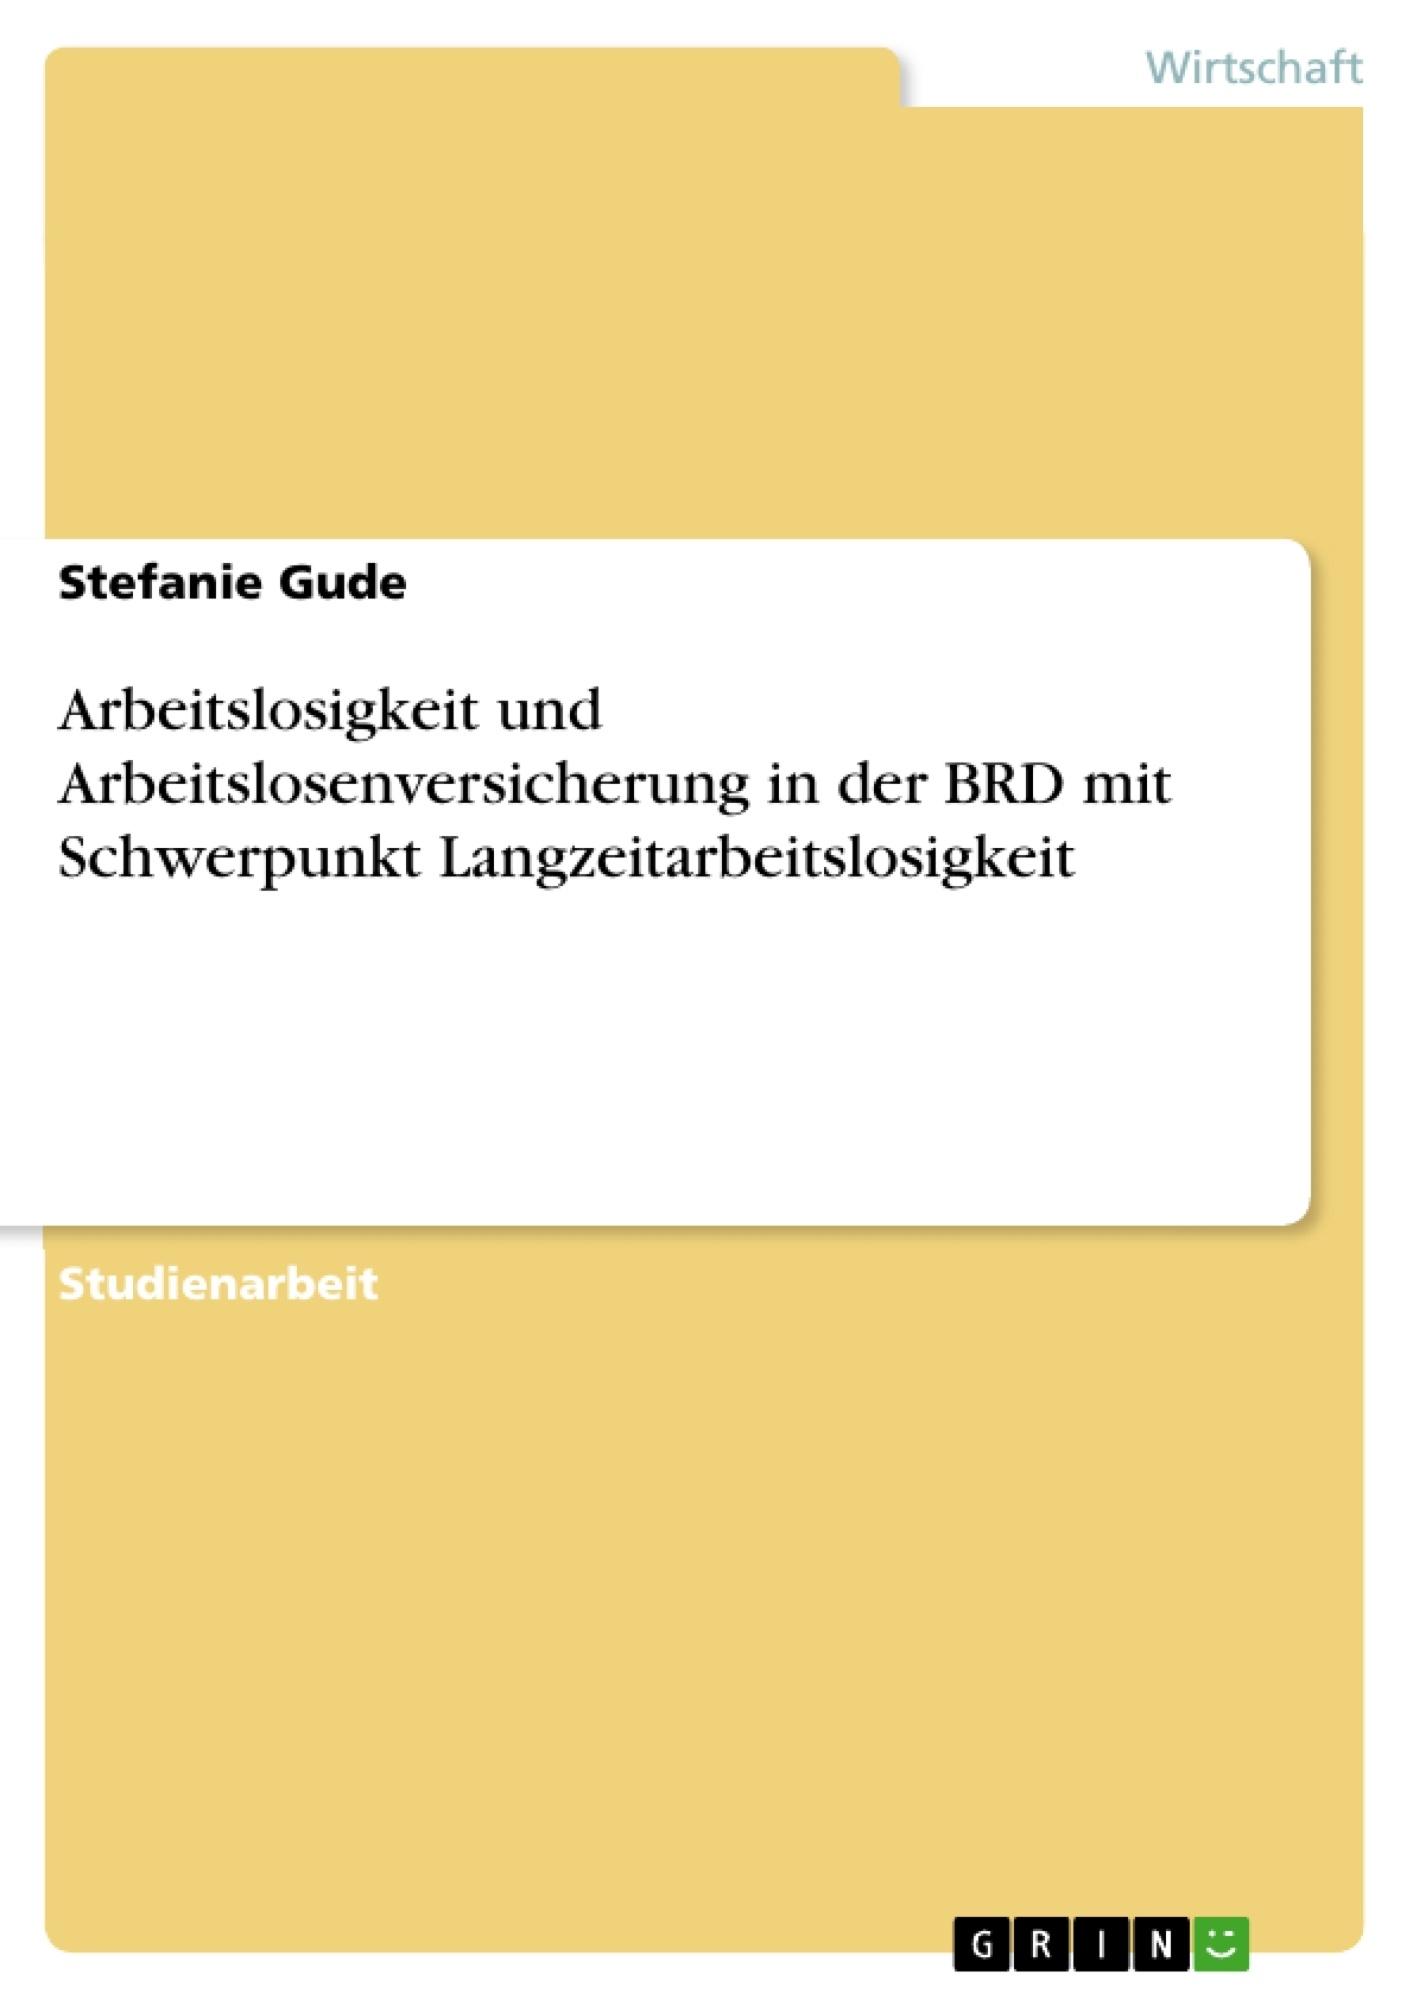 Titel: Arbeitslosigkeit und Arbeitslosenversicherung in der BRD mit Schwerpunkt Langzeitarbeitslosigkeit